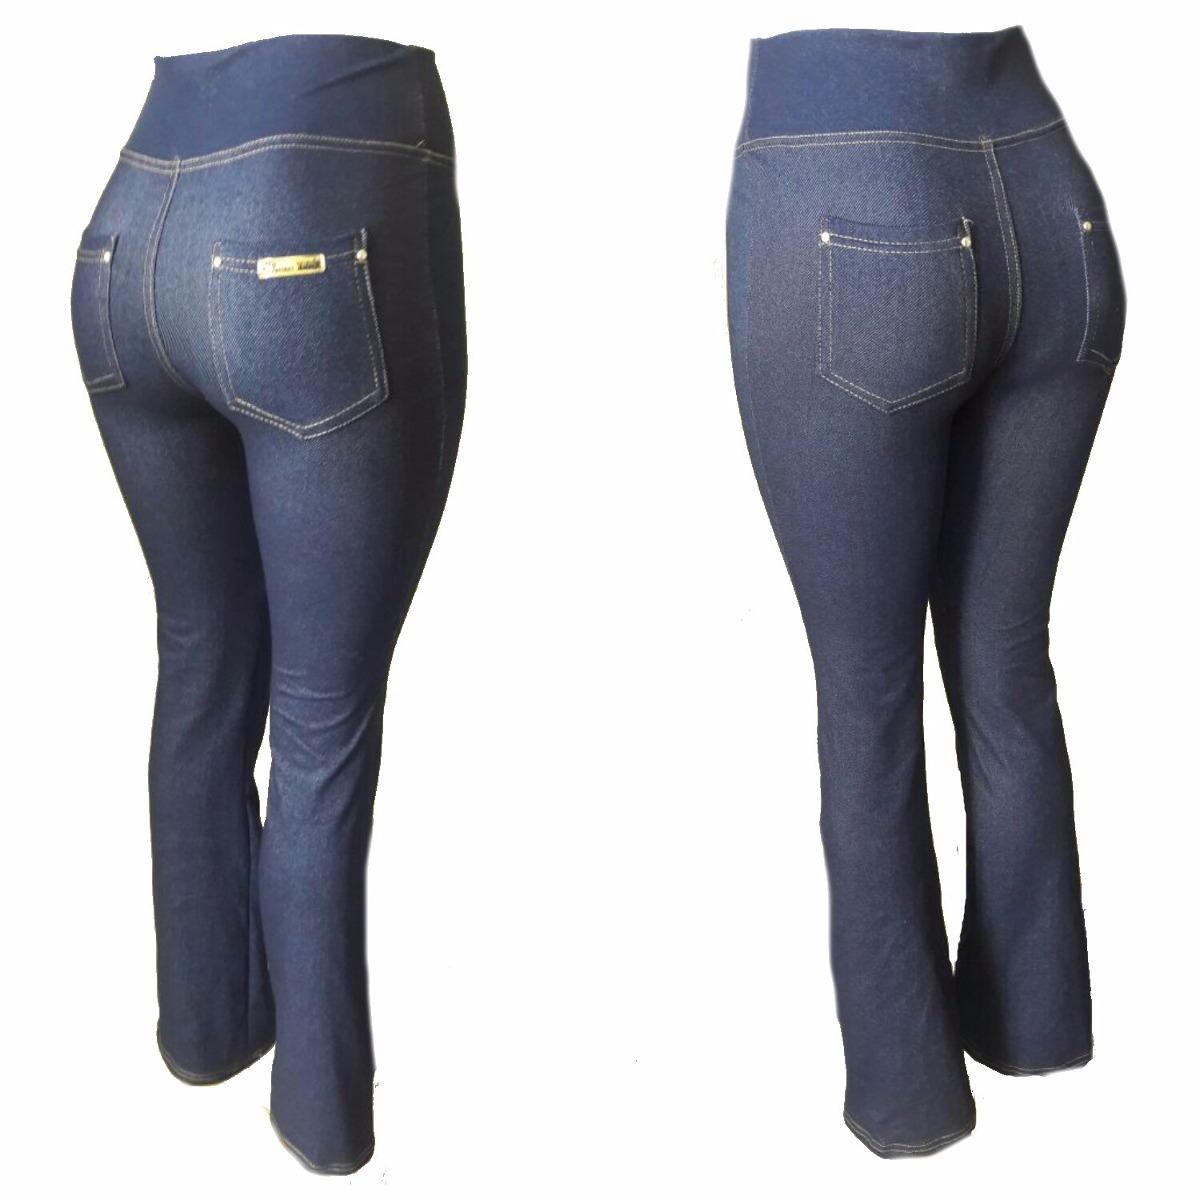 Calça Flare Cotom Jeans Com Bolso Atrás P M G Gg - R  45 2143b20d2d43c